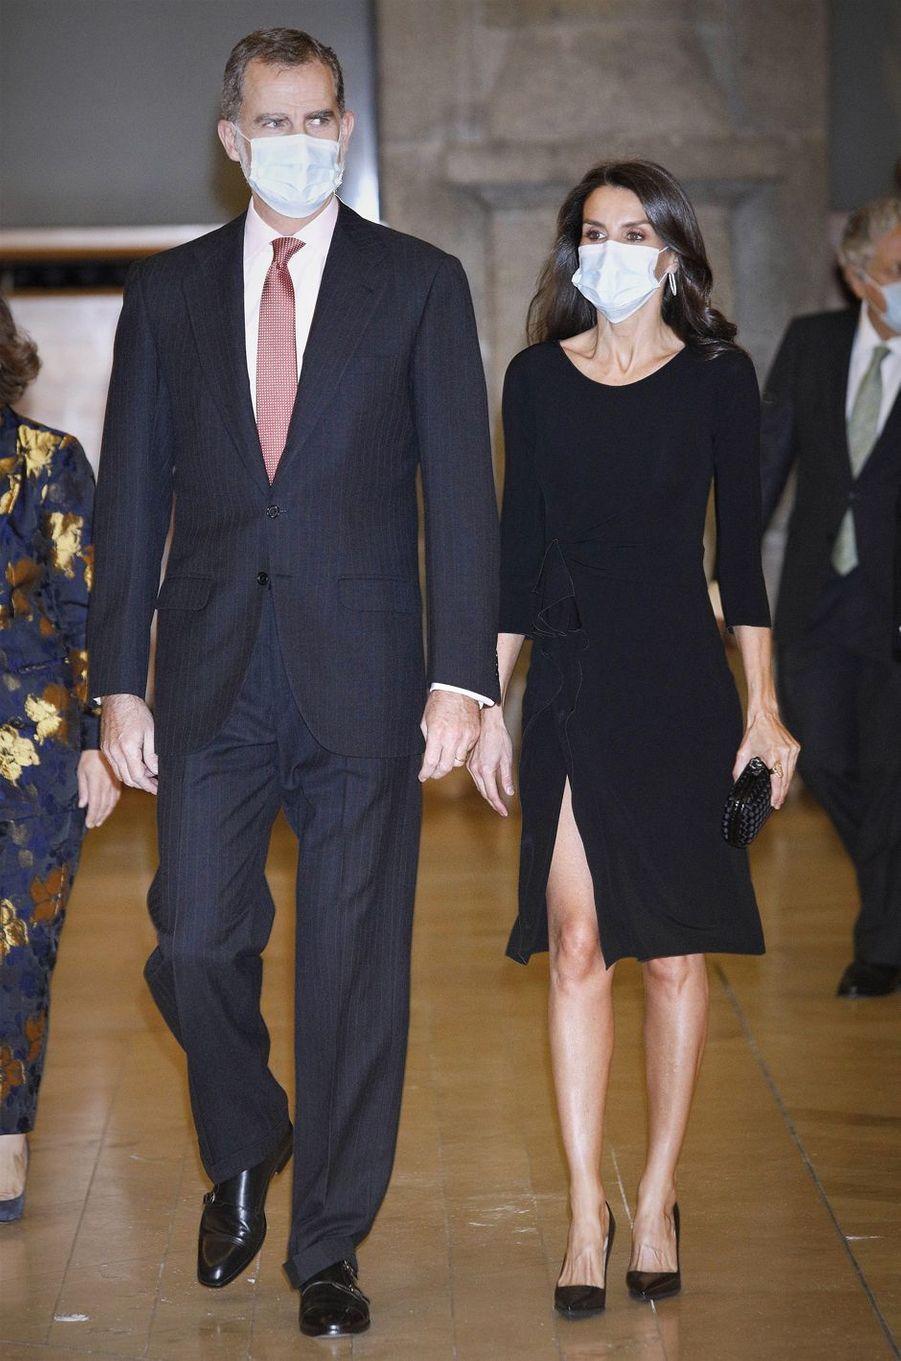 La reine Letizia, en Armani, avec le roi Felipe VI d'Espagne à Madrid, le 18 novembre 2020